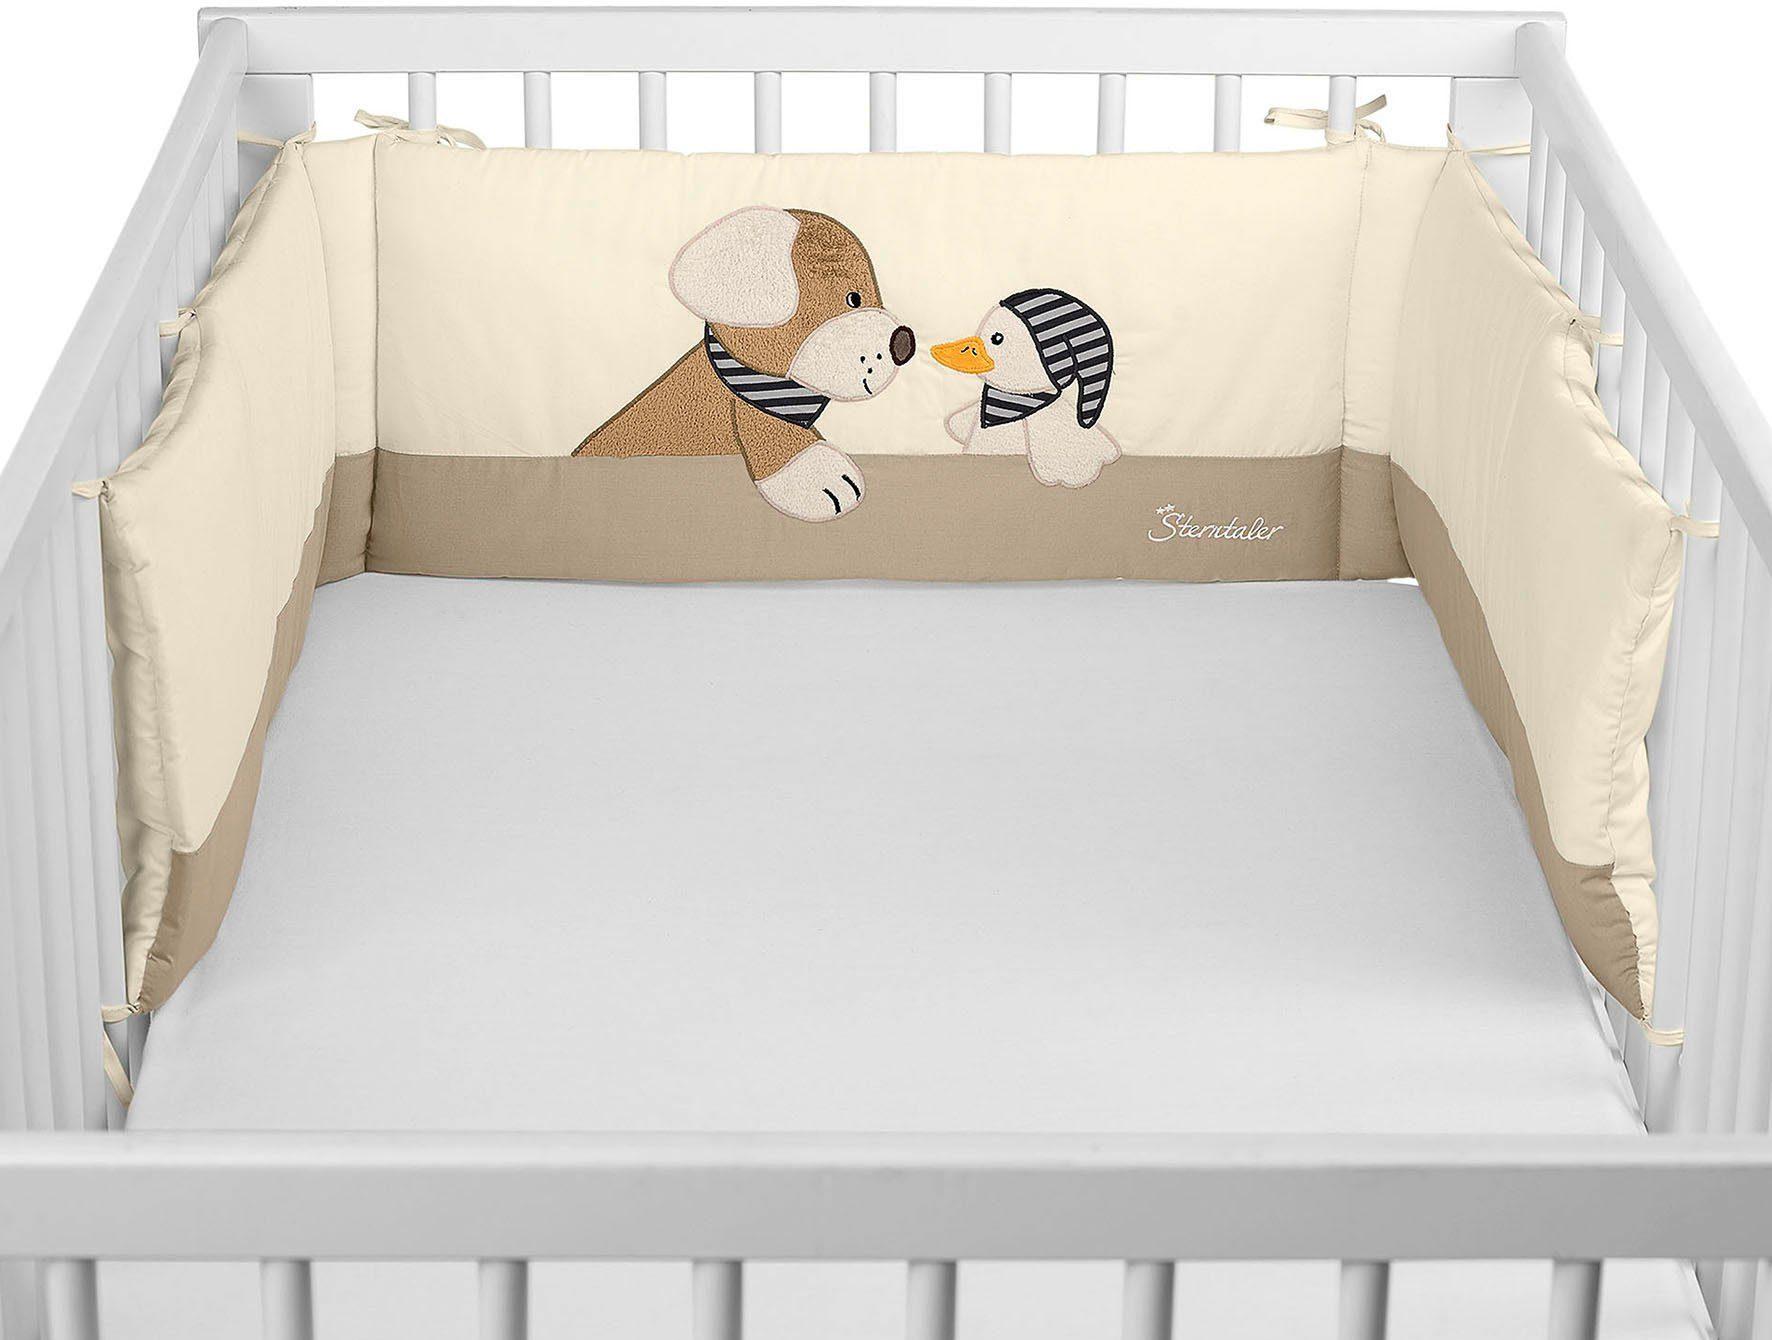 Babybett nestchen selber machen babybett nestchen selber machen